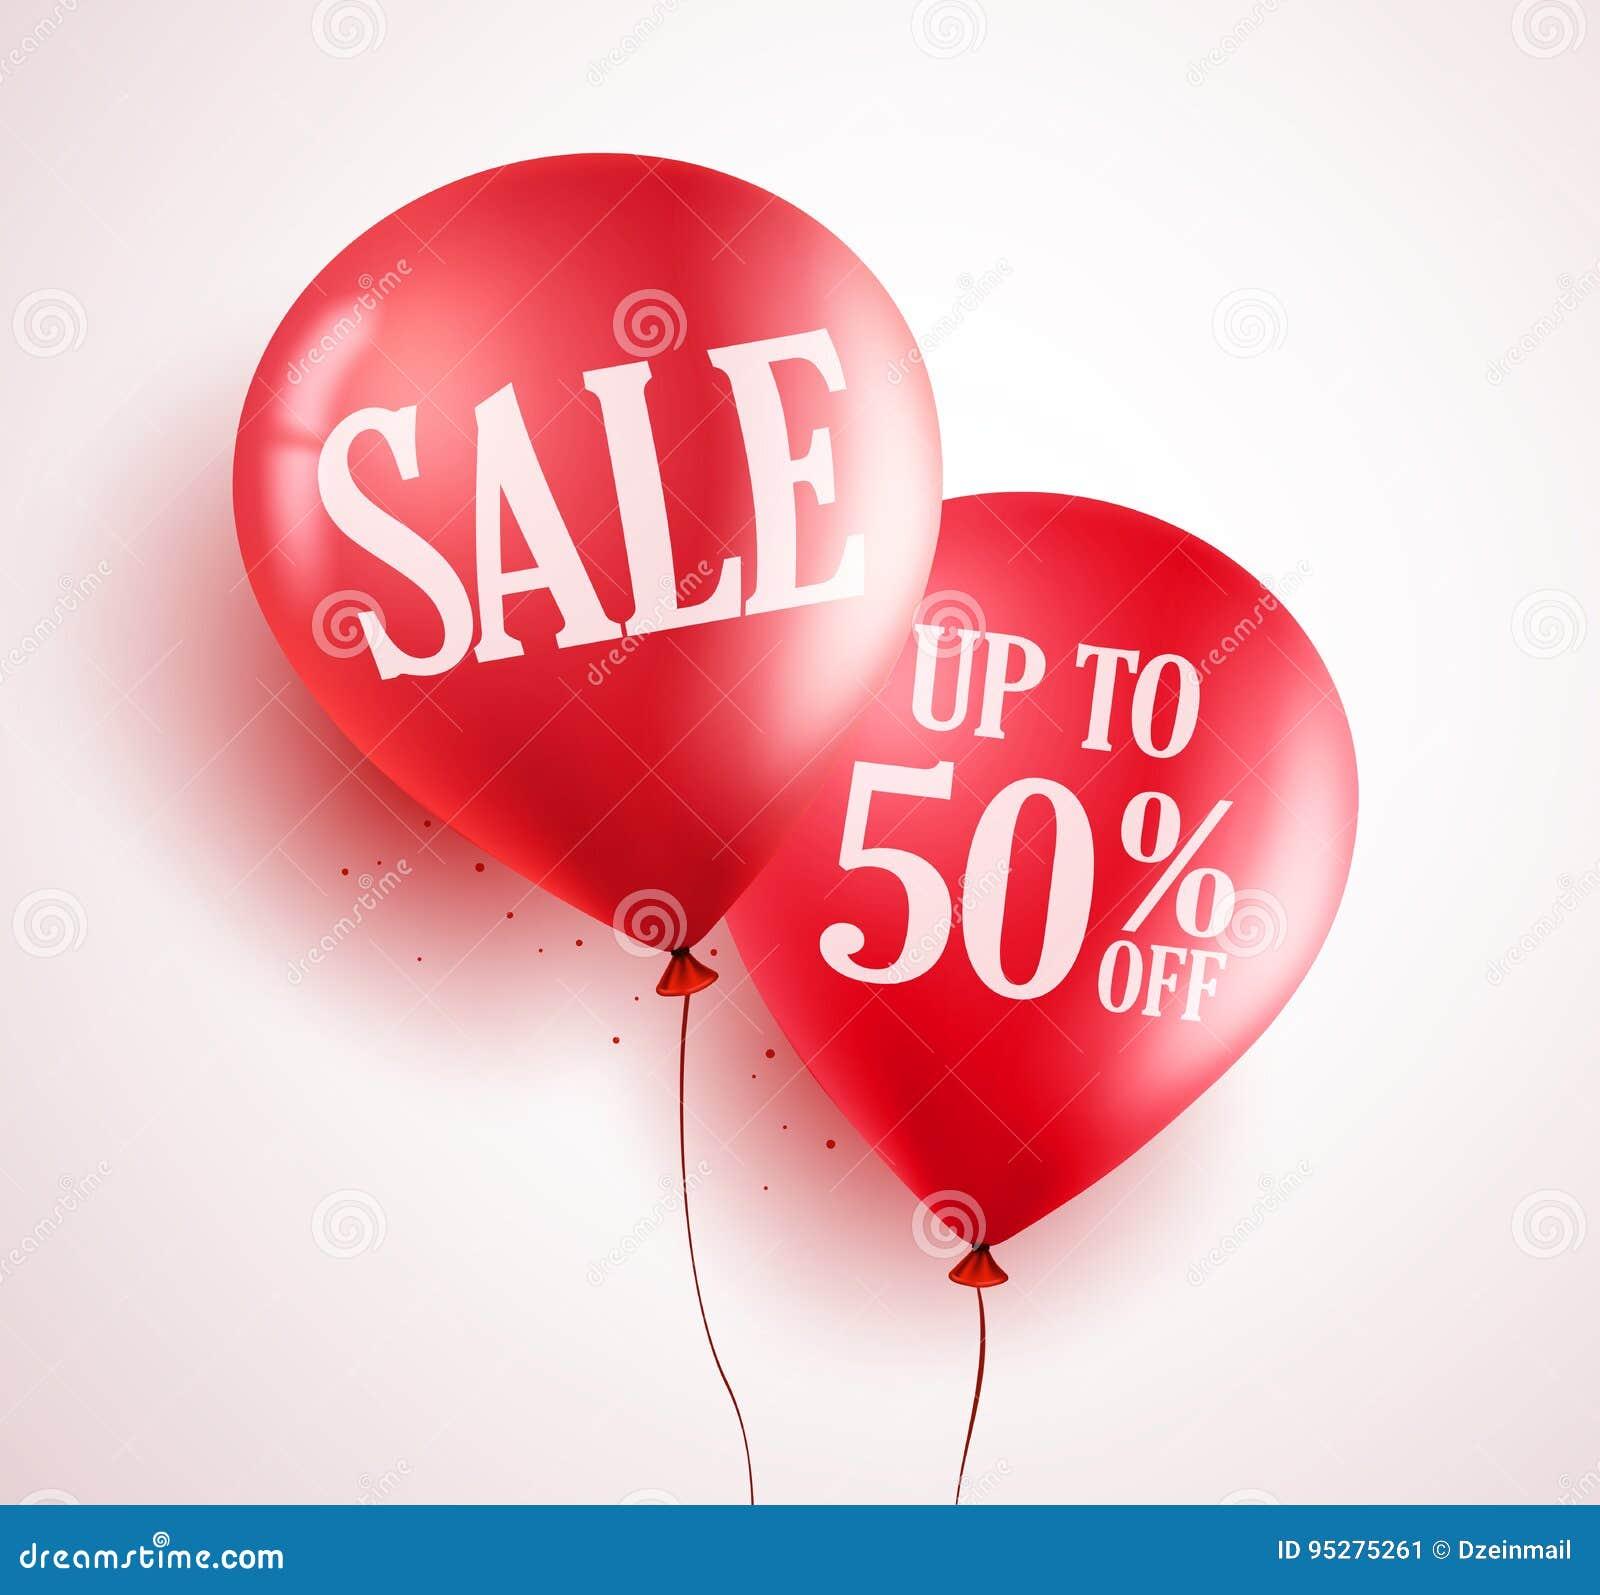 Sprzedaż szybko się zwiększać wektorowego projekt z 50  z czerwonego koloru w białym tle